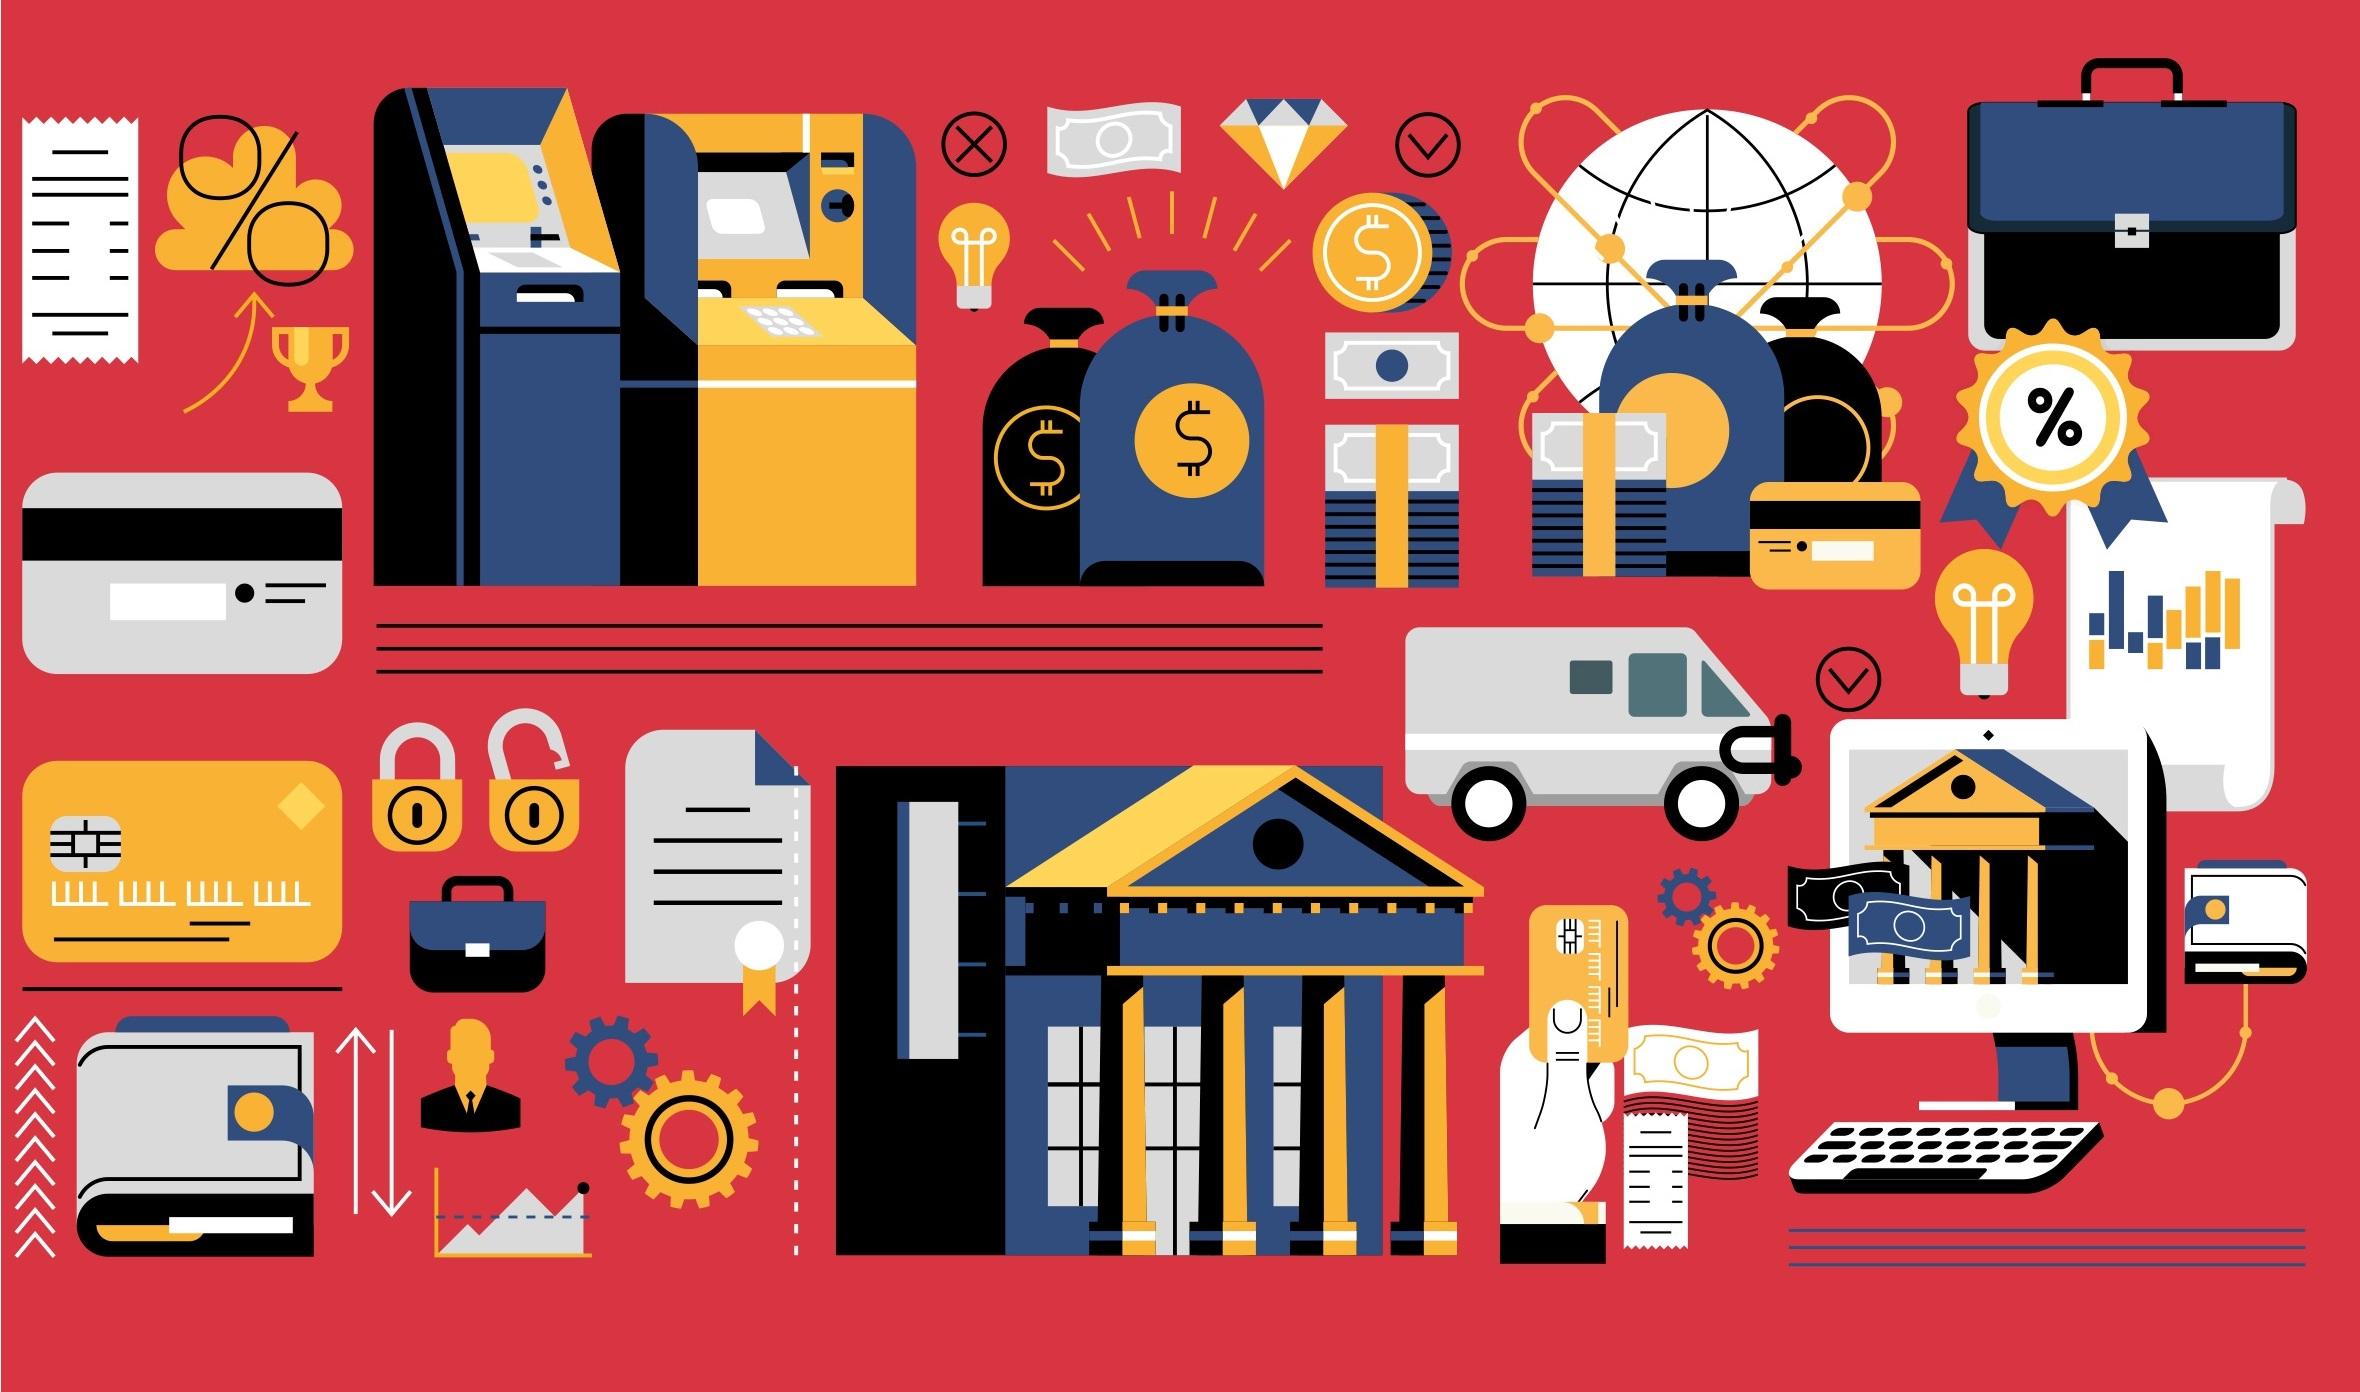 Risultati immagini per банківський сервіс